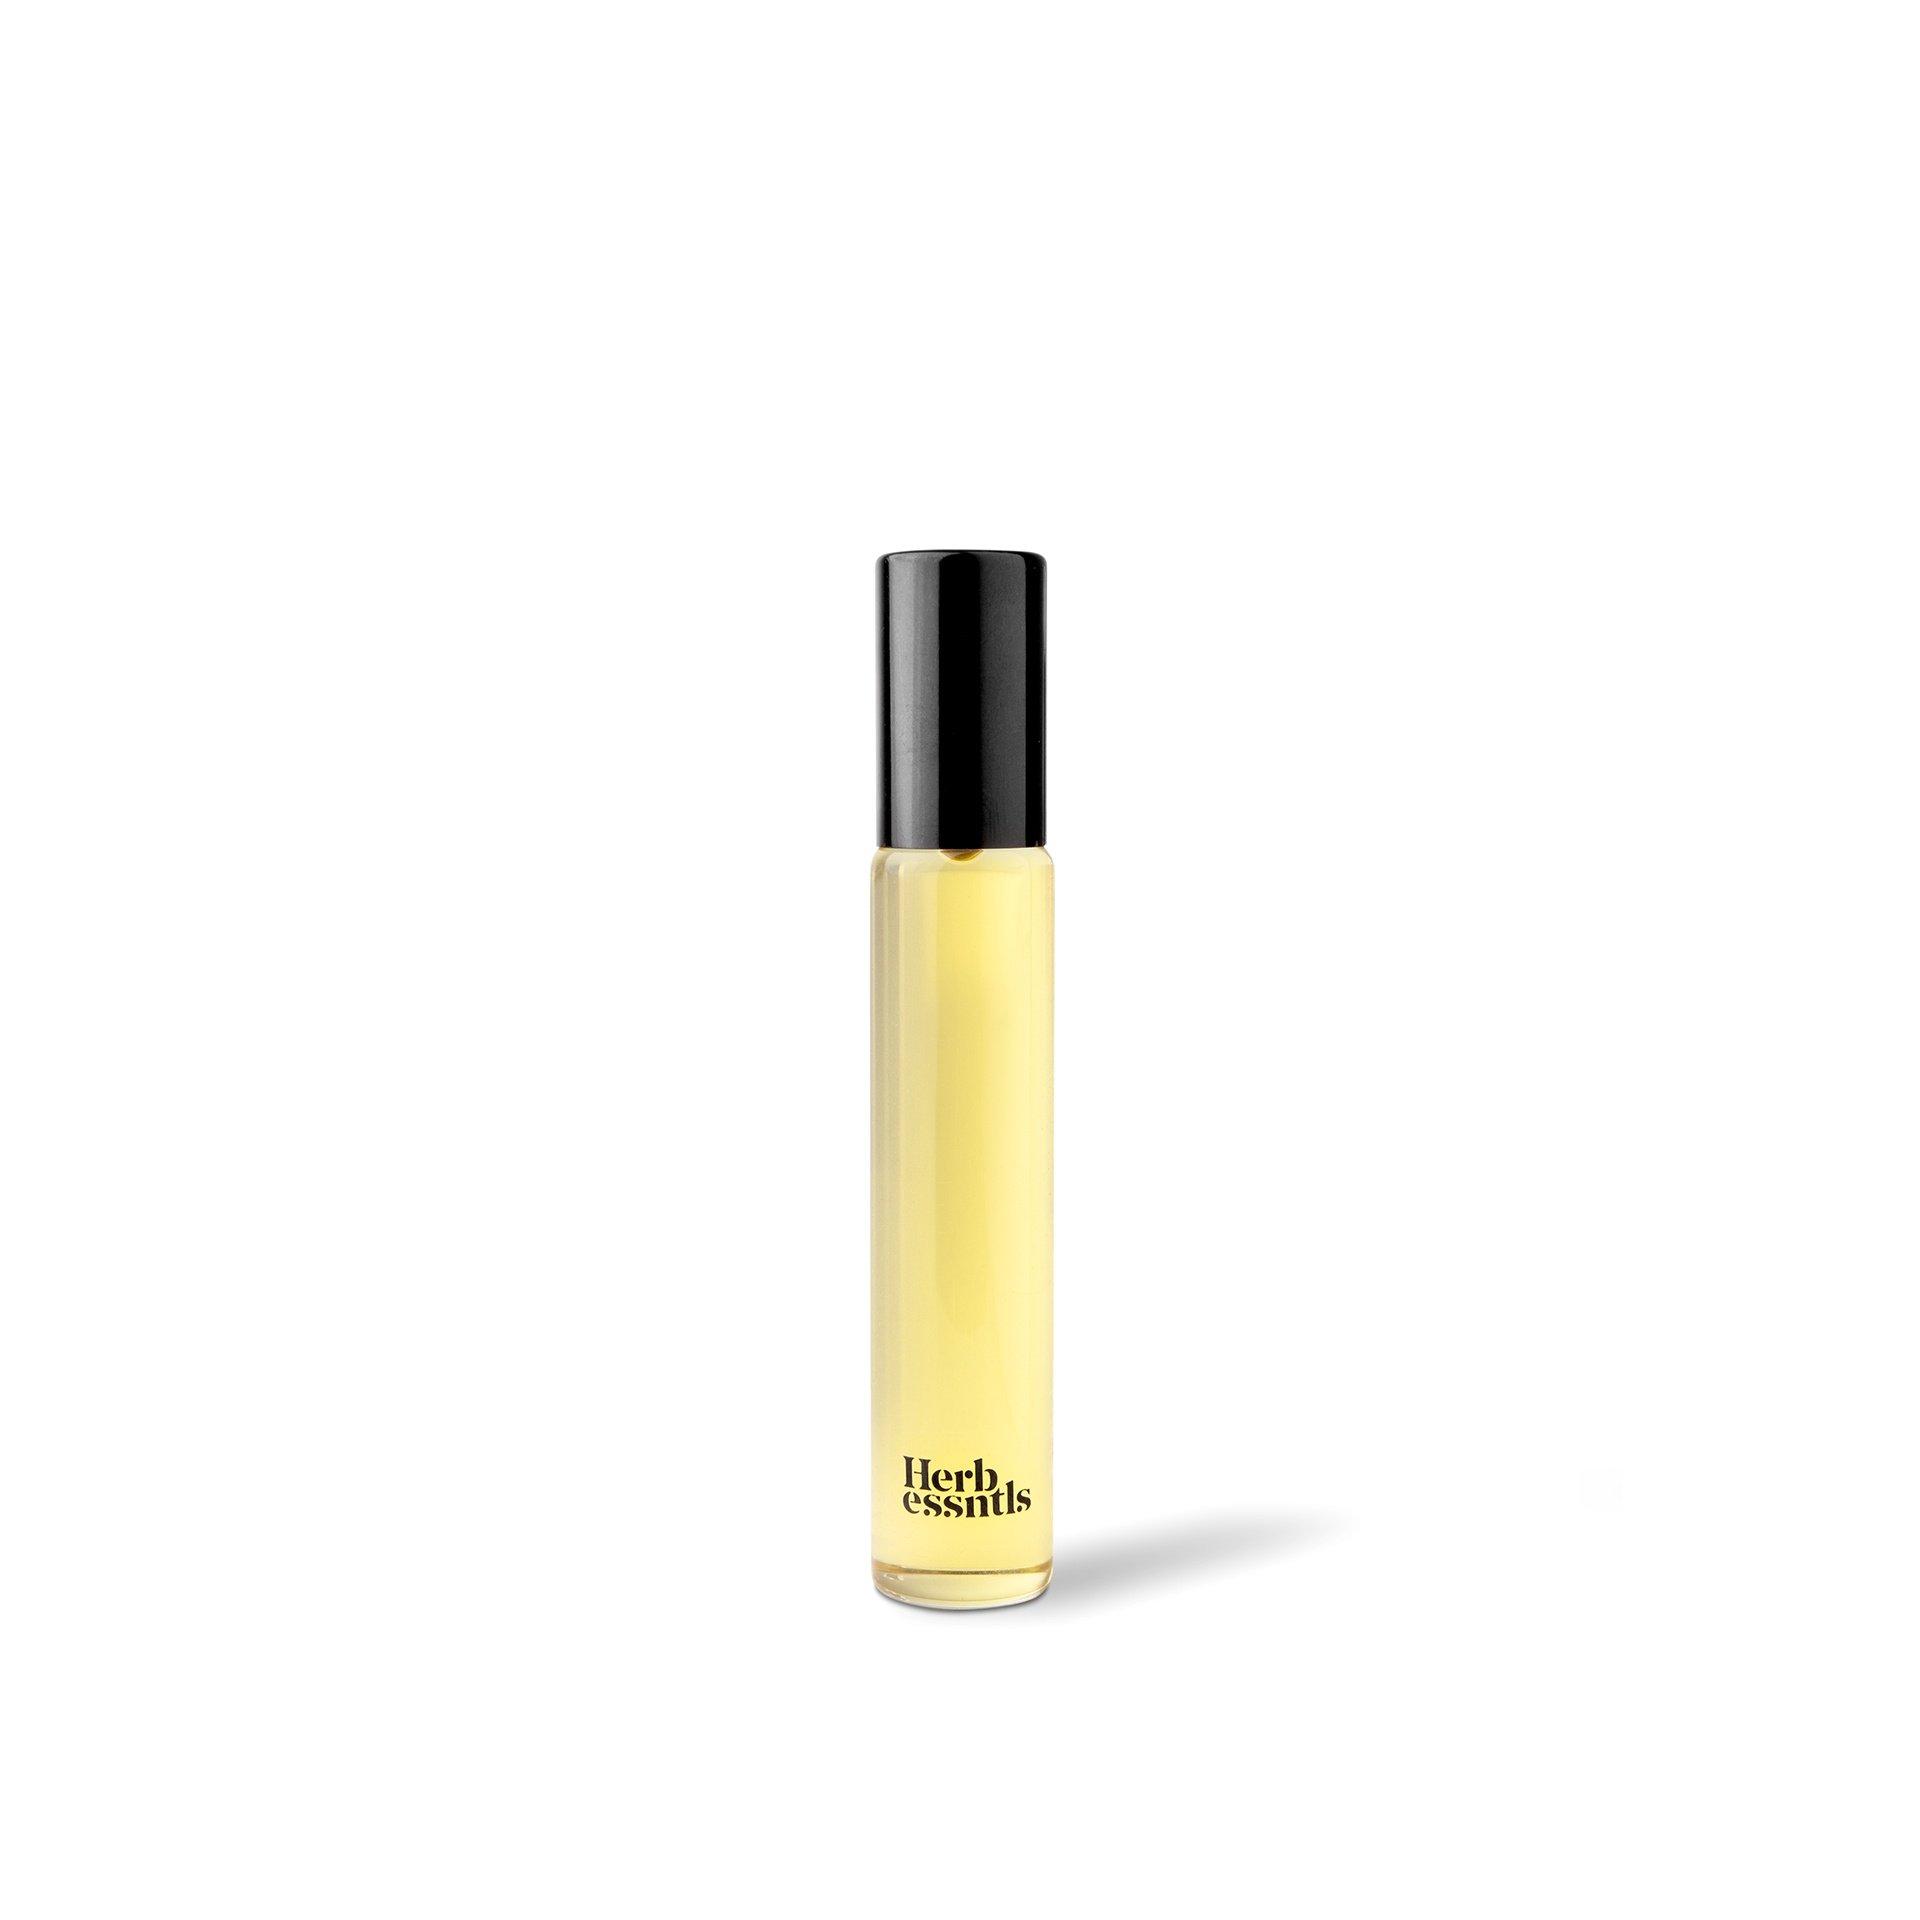 Herb Essntls Cannabis Perfume Oil